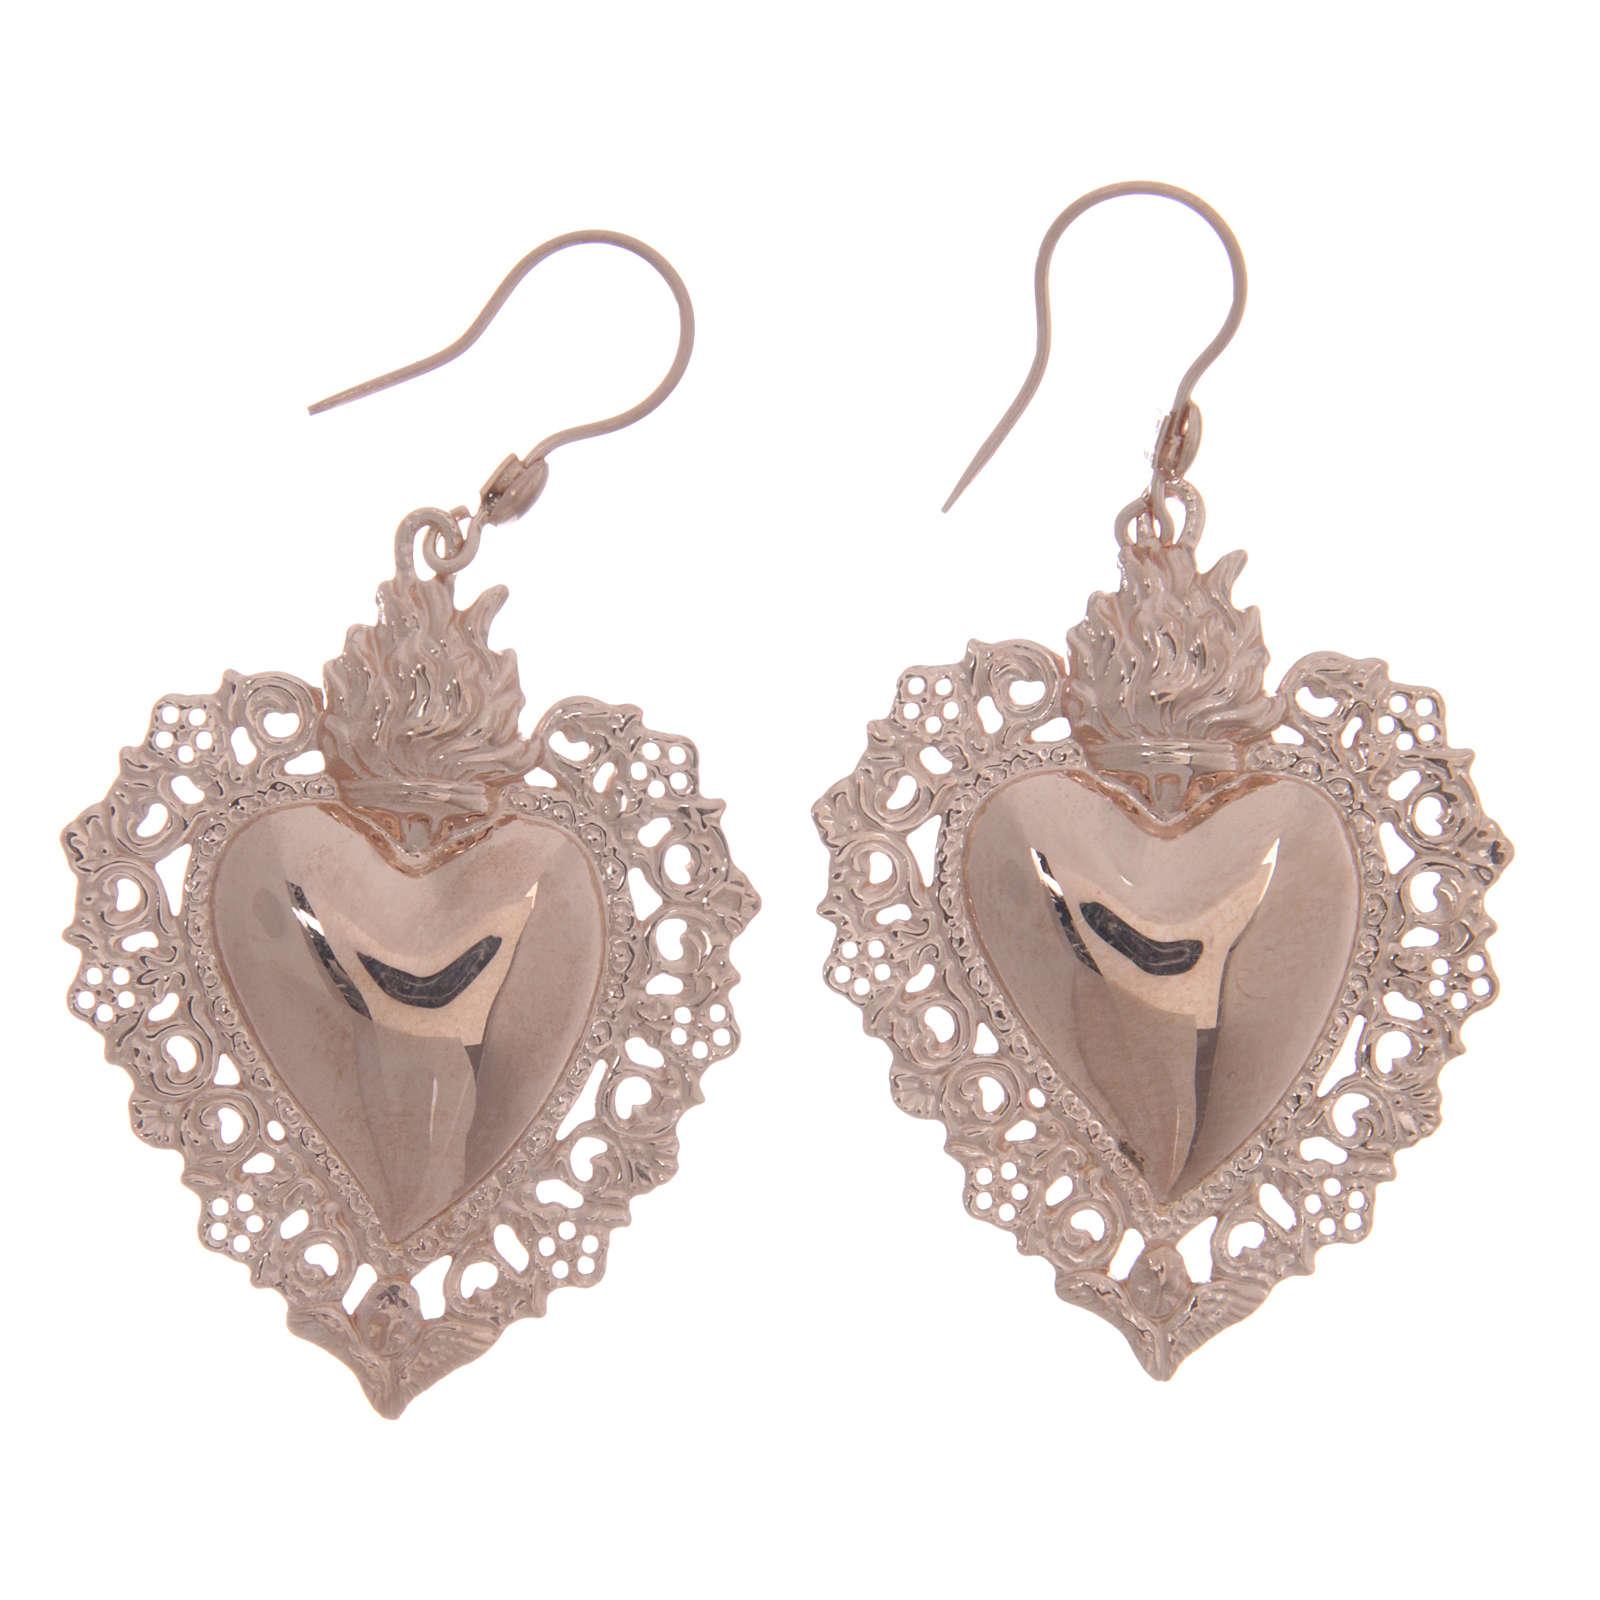 Orecchini argento 925 rosé cuore votivo traforato 4 cm 4